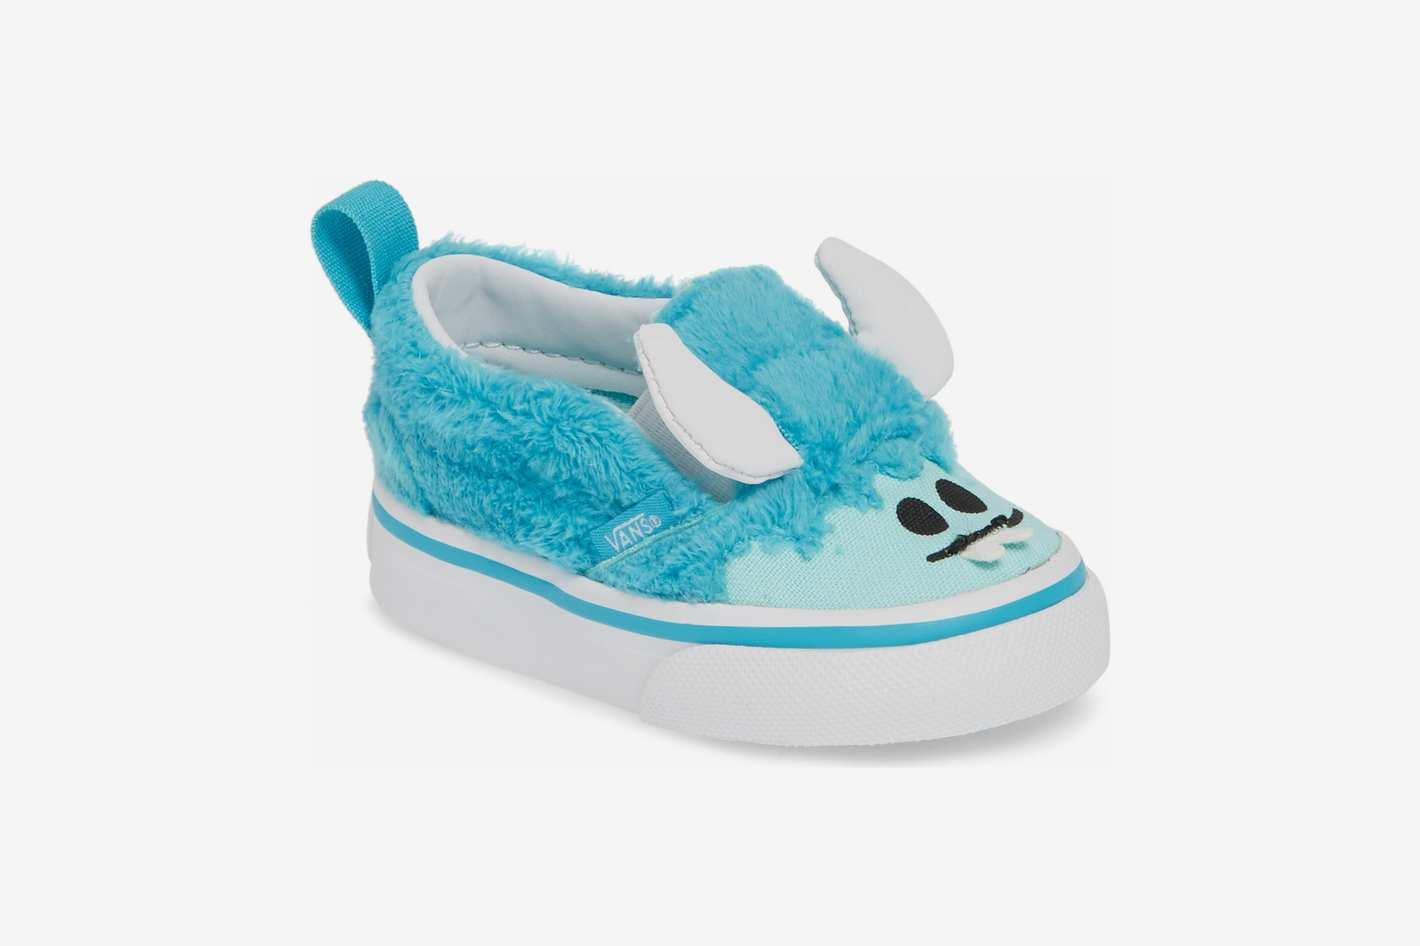 Vans Fur Slip-On Sneaker